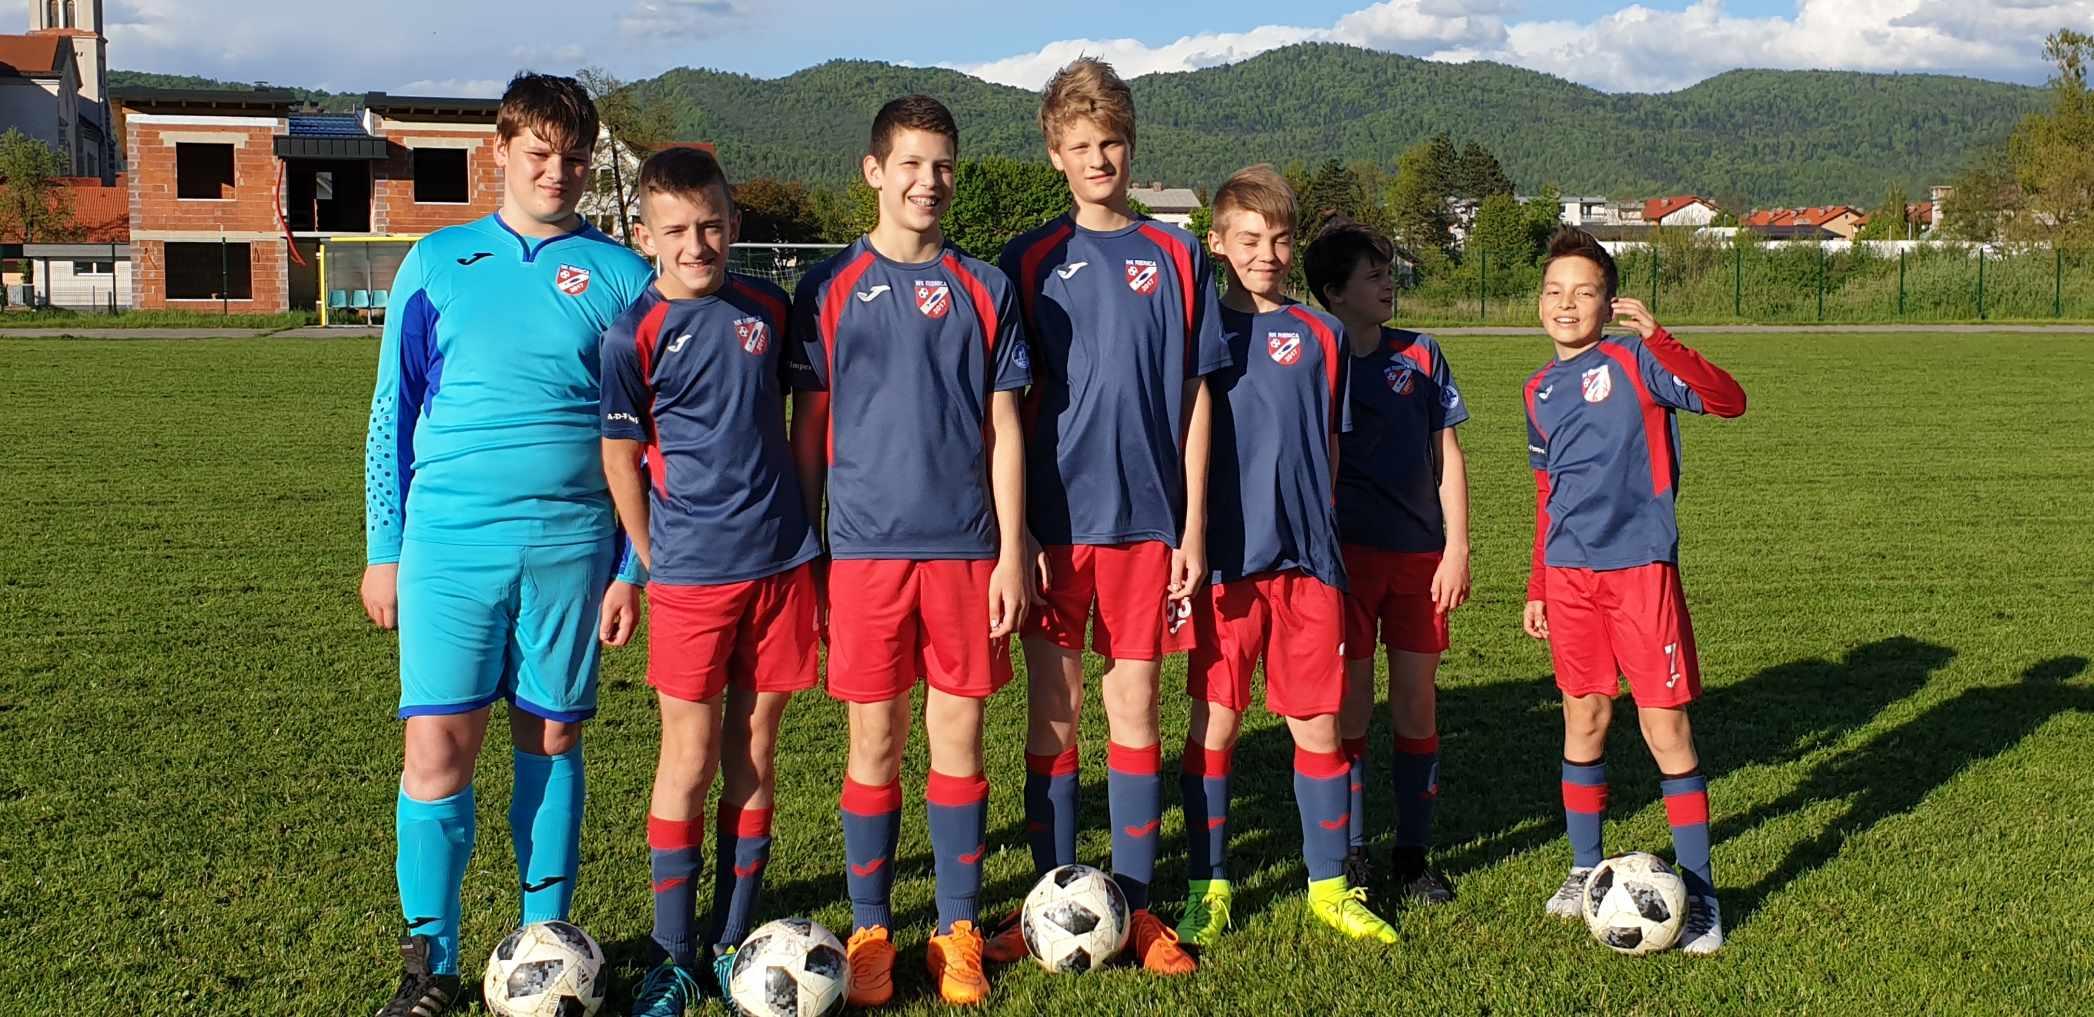 Nogometaši NK Ribnice pred zaključkom izjemno uspešne nogometne sezone